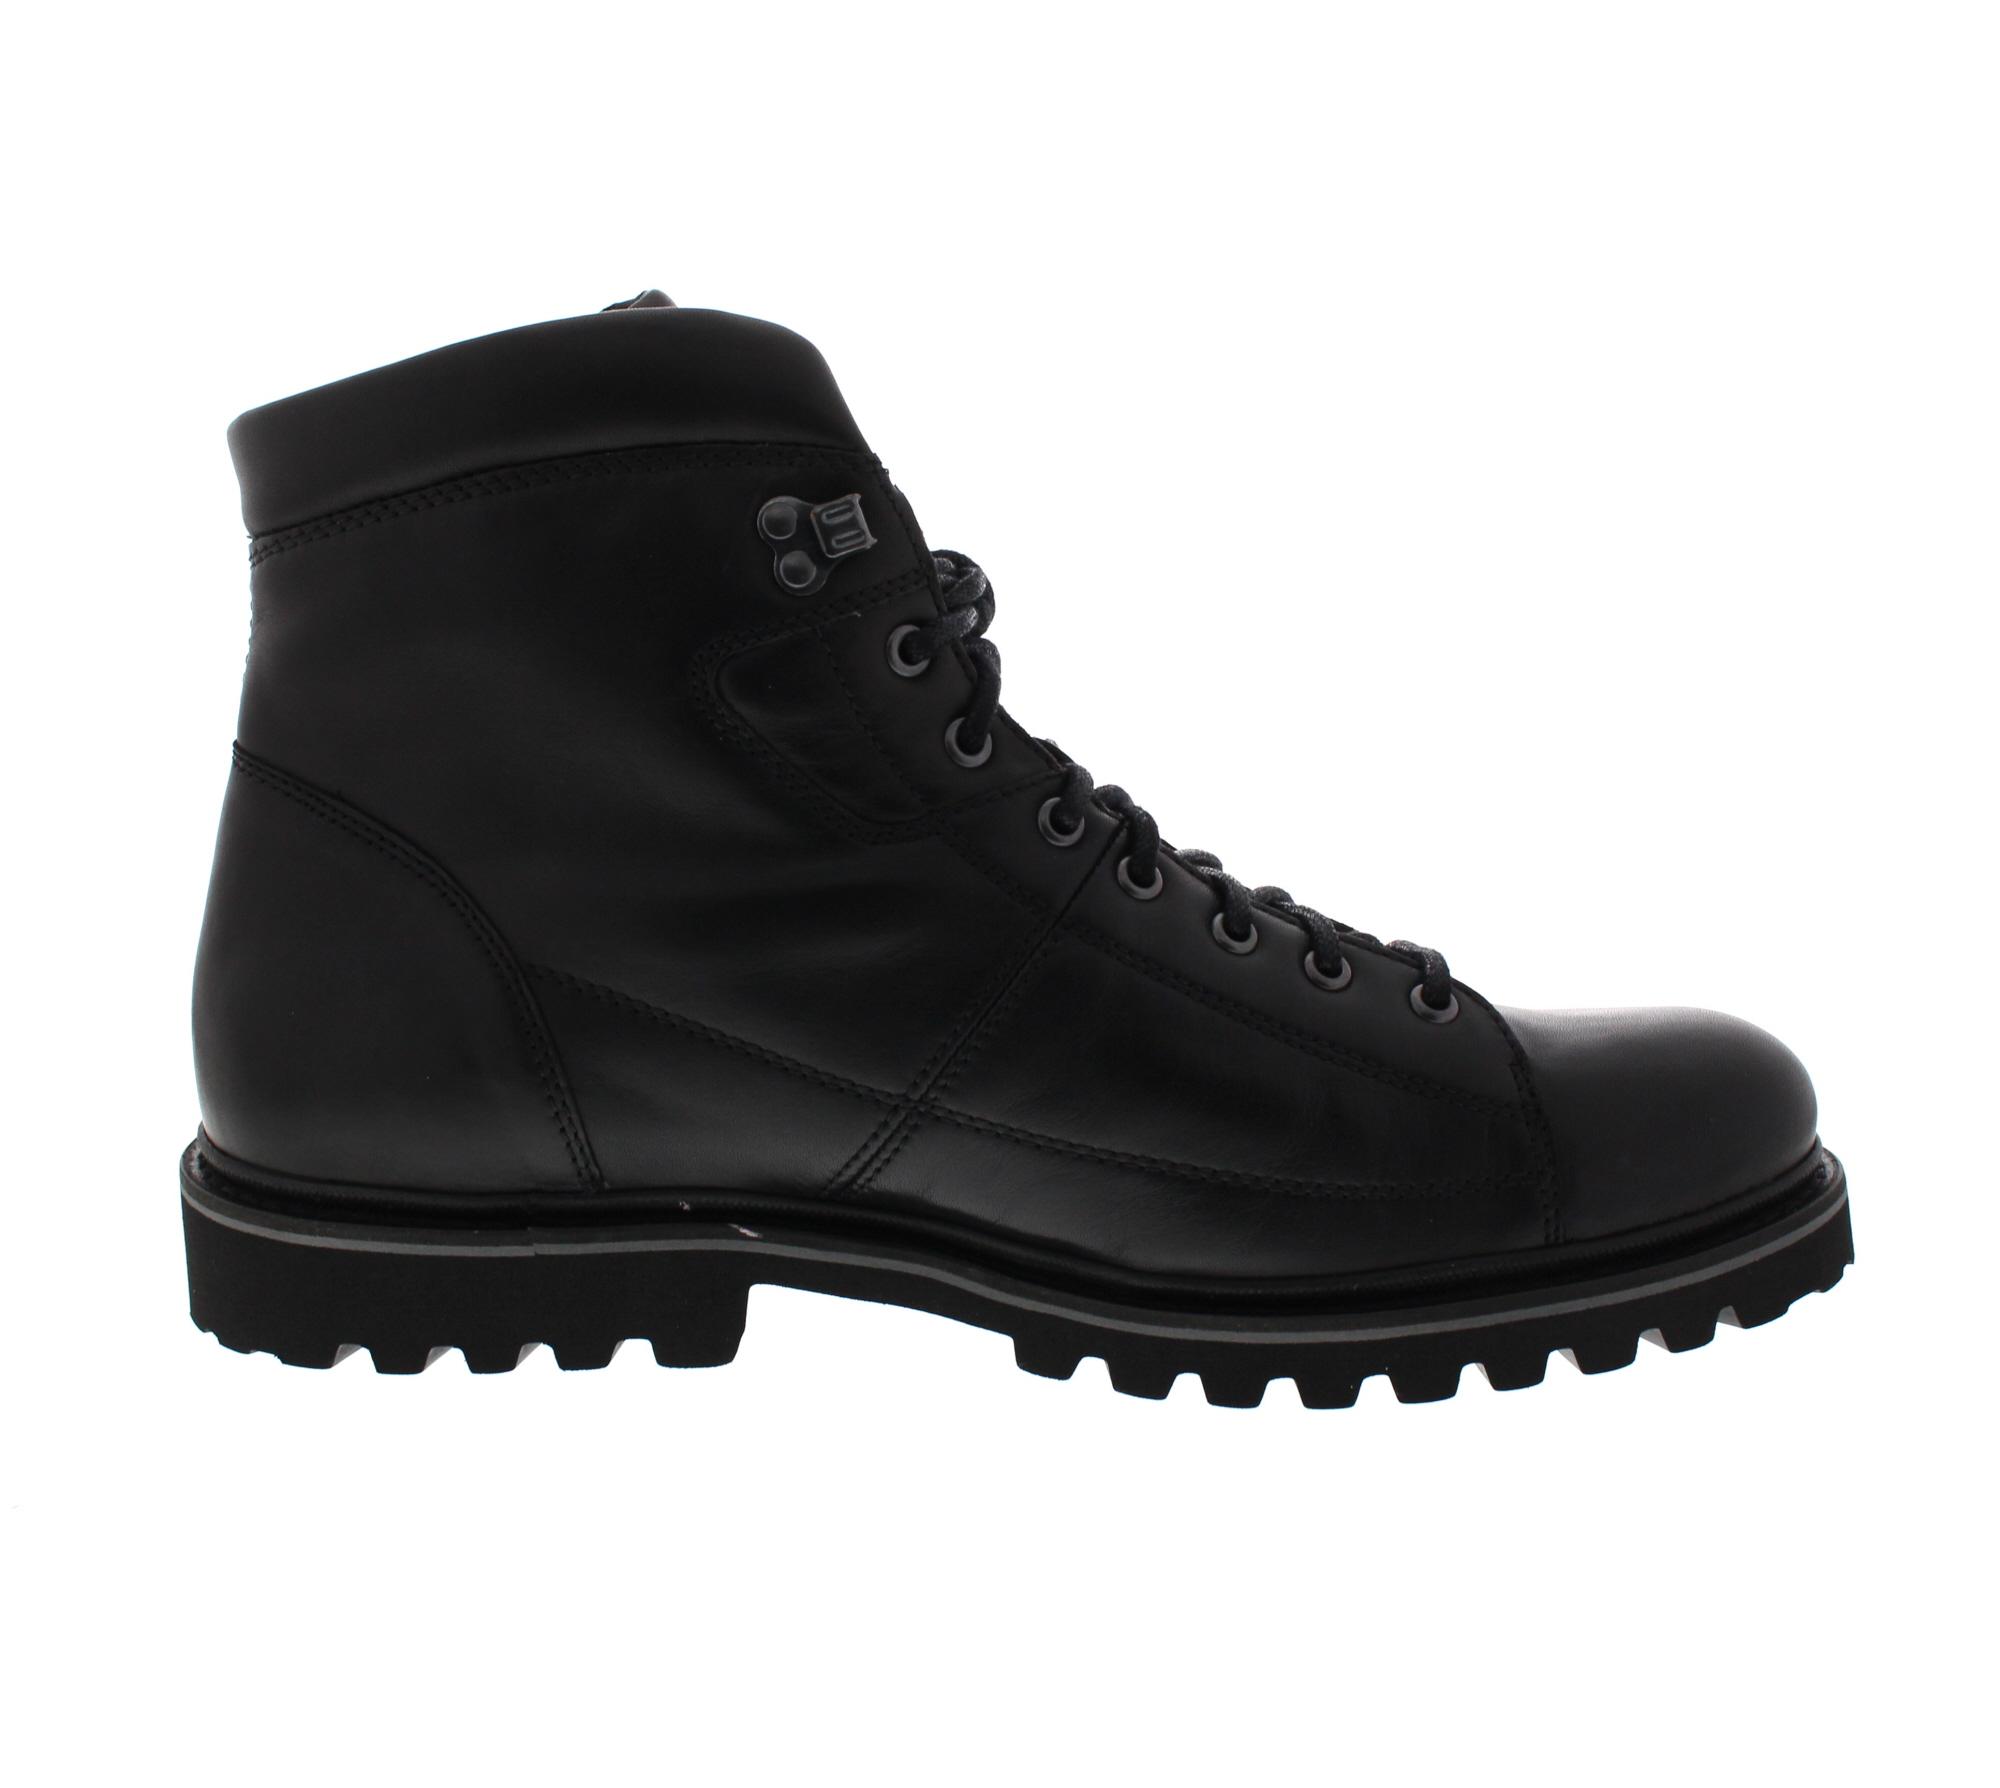 ede17c3425 CAMEL ACTIVE Boots in Übergröße - WING 530.12.01 - black